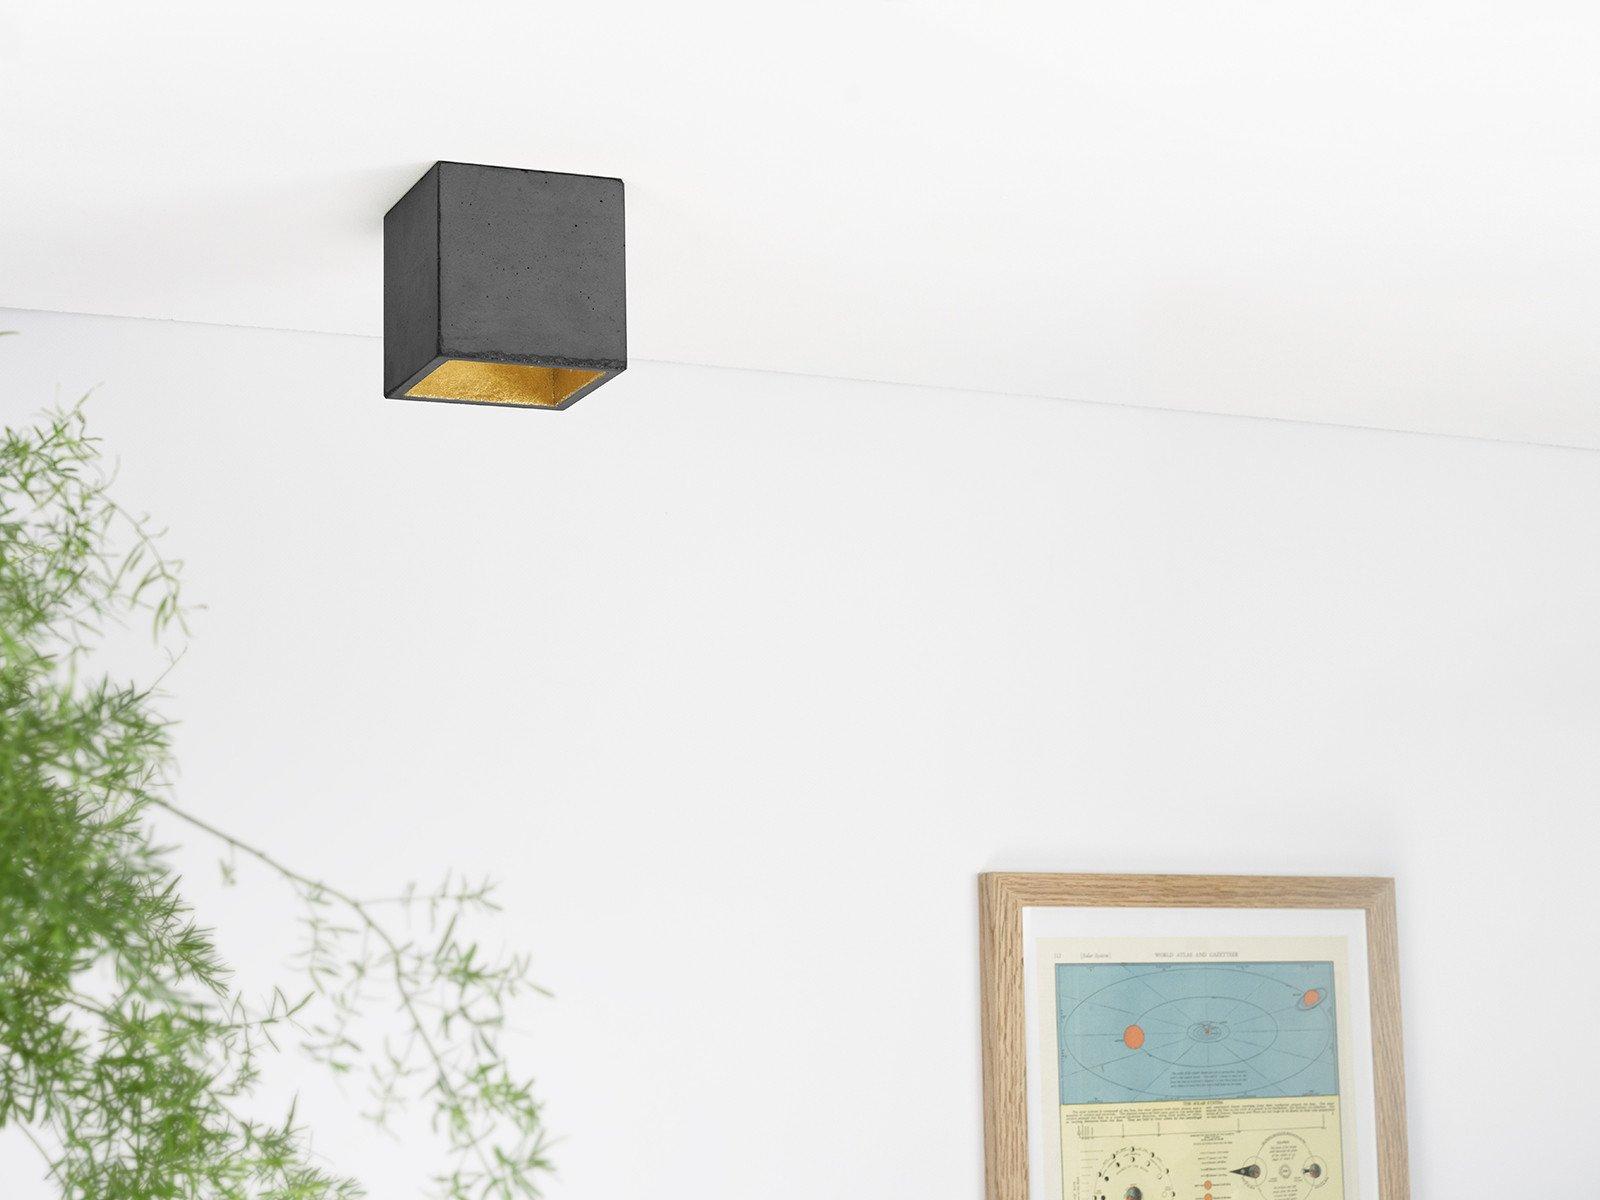 b7dark deckenspot deckenlampe quadratisch beton gold 05